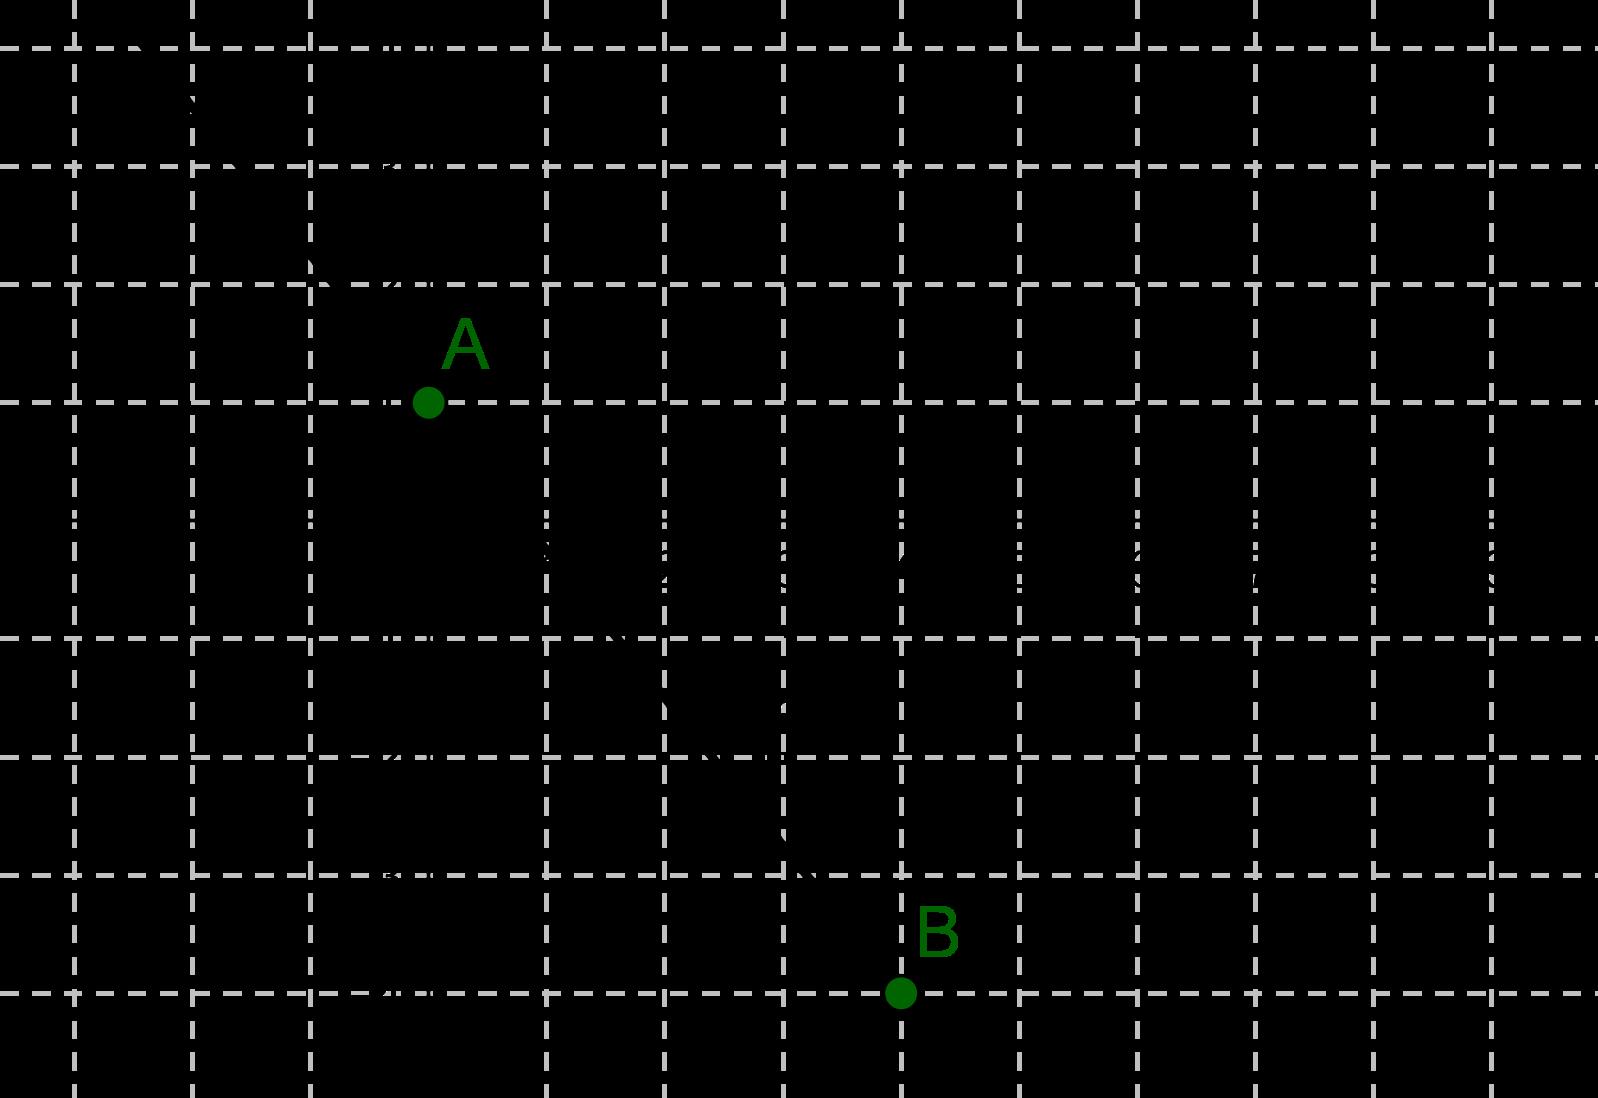 Ergebnis Gerade im Koordinatensystem eingezeichnet